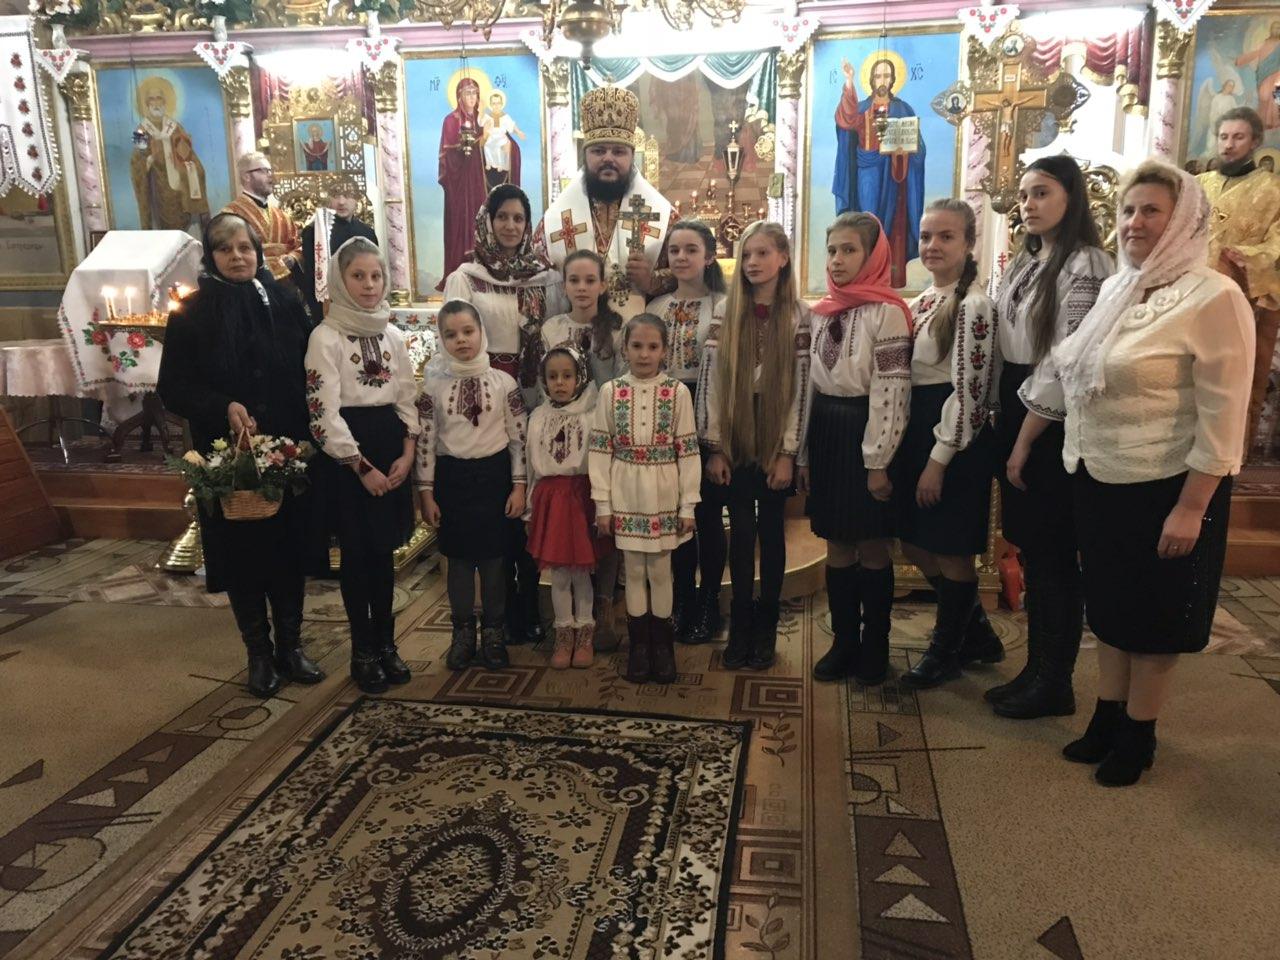 В день своего 40-летия Архиепископ Ефрем совершил торжественное богослужение в родном храме на Закарпатье